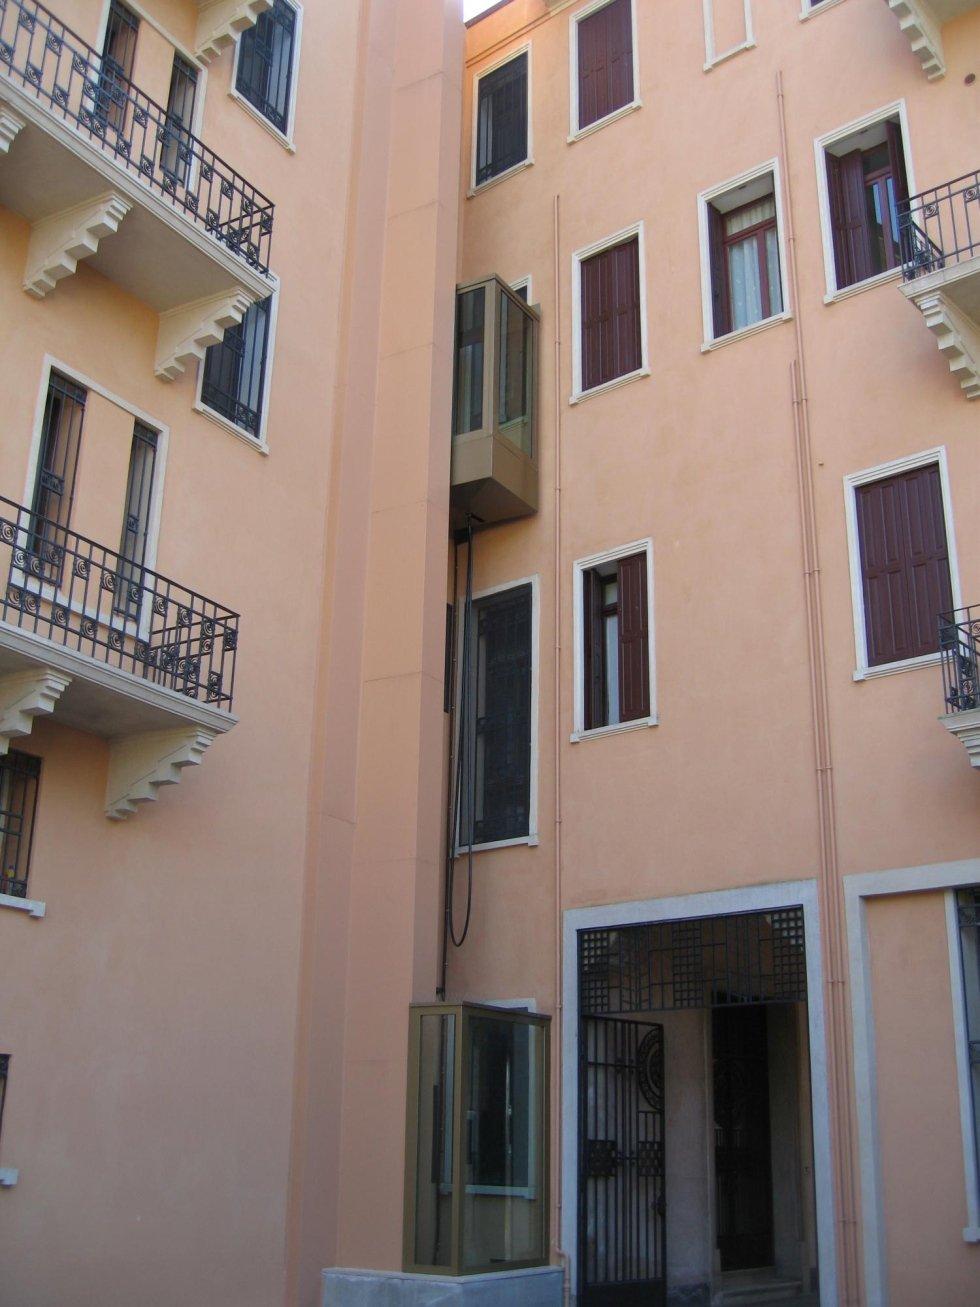 vista di un edificio rosa con ascensore panoramico